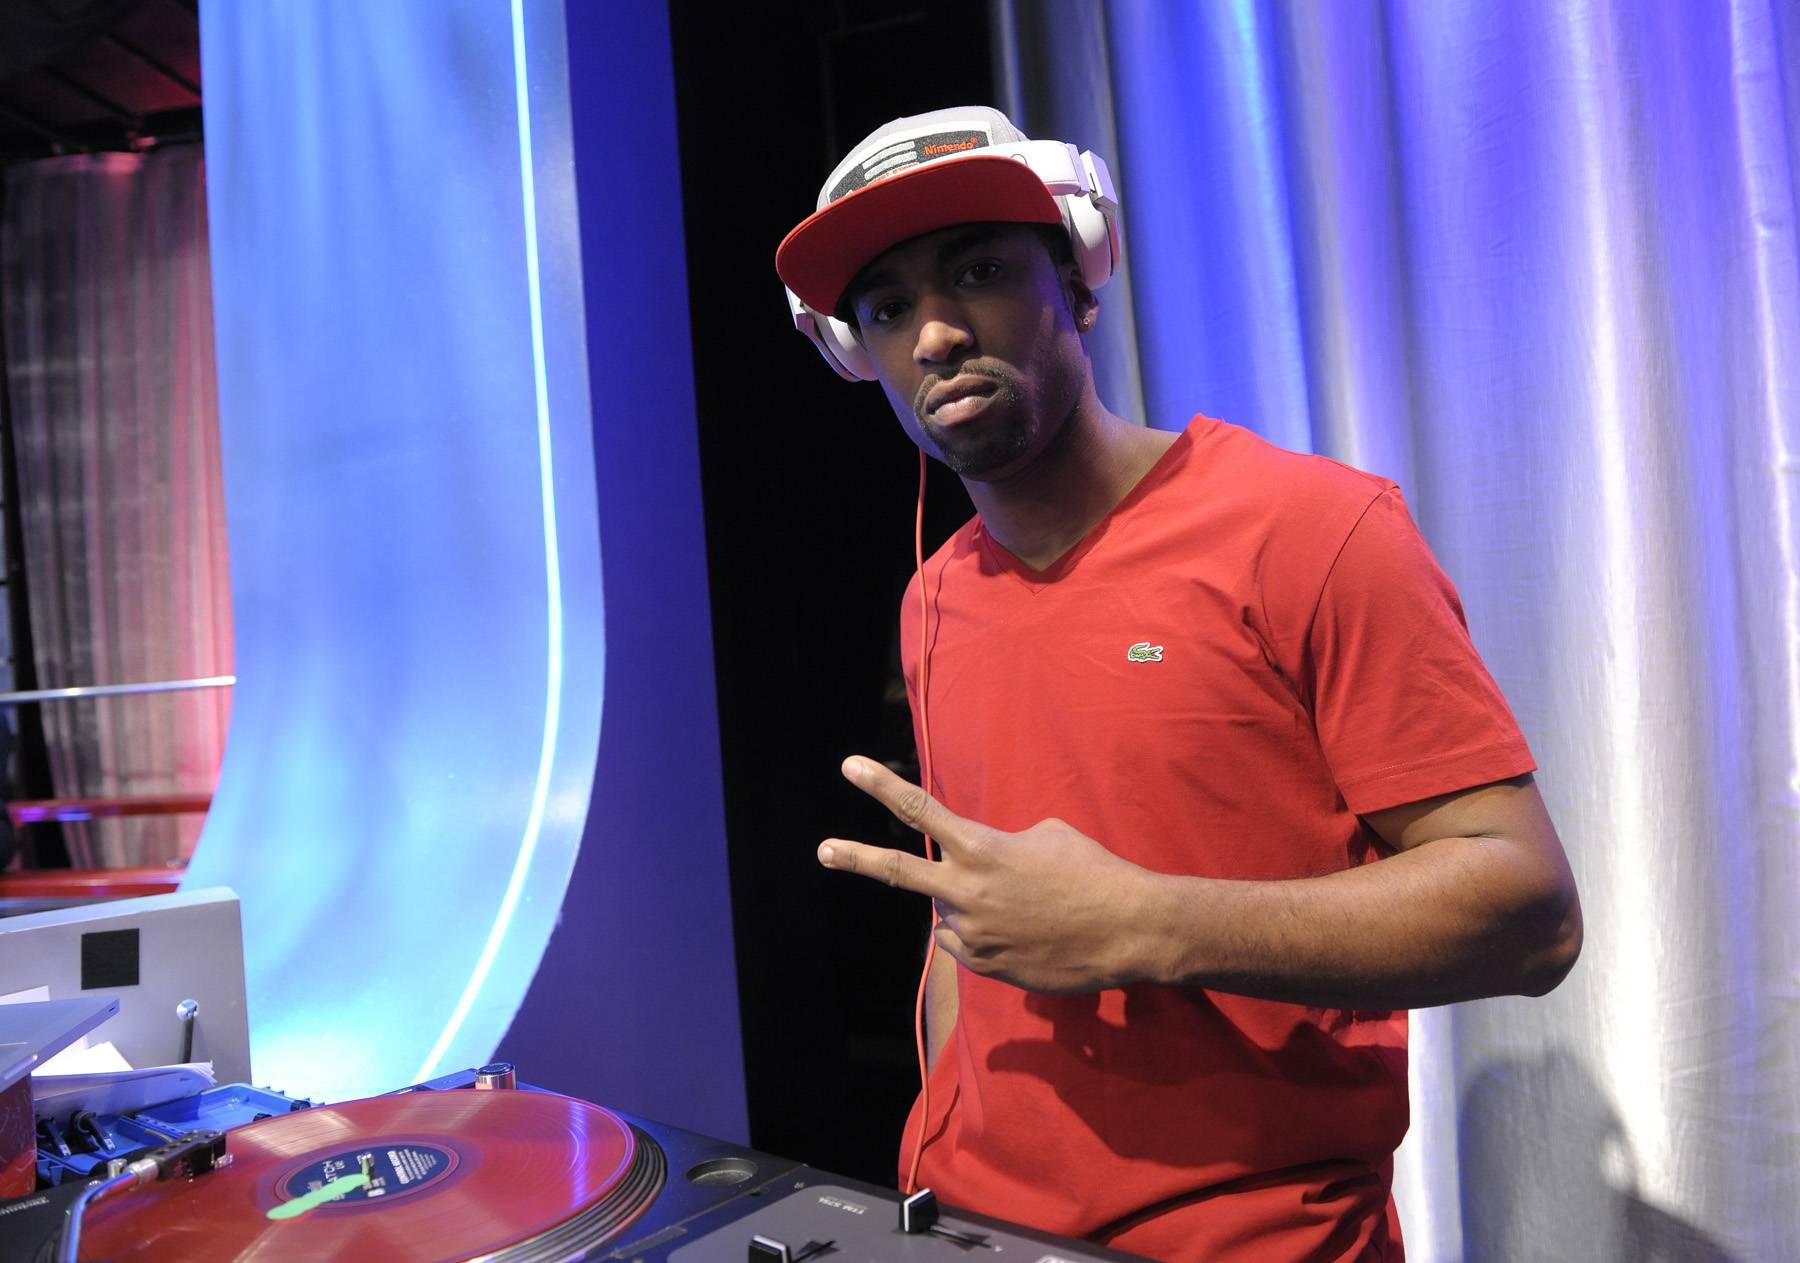 Dueces - DJ Ohmz at 106 & Park, April 26, 2012. (Photo: John Ricard / BET)